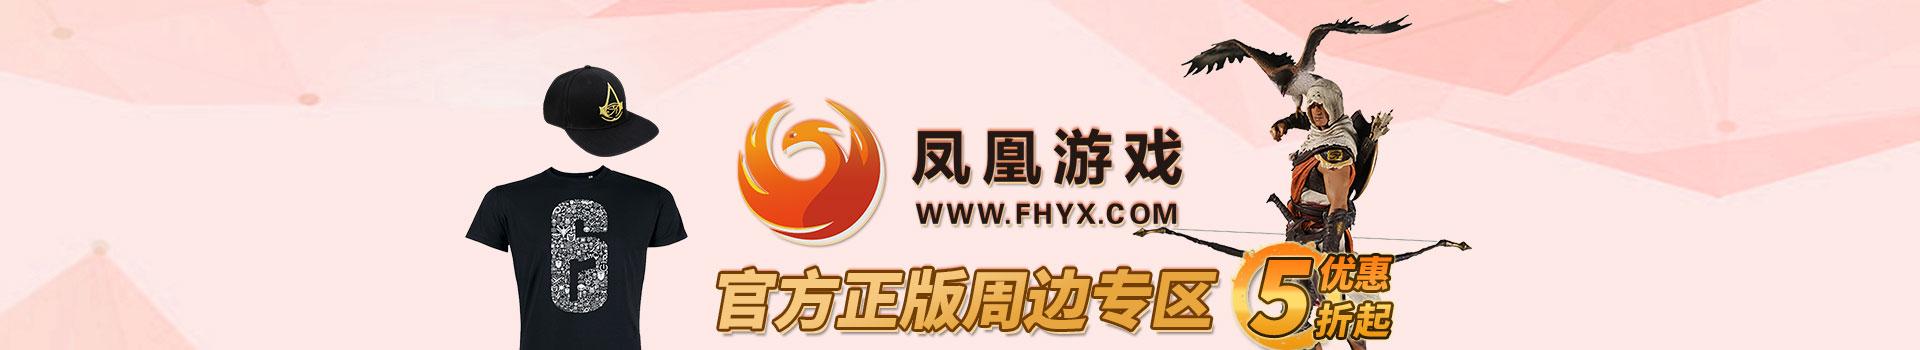 凤凰游戏官方正版周边专区5折优惠起